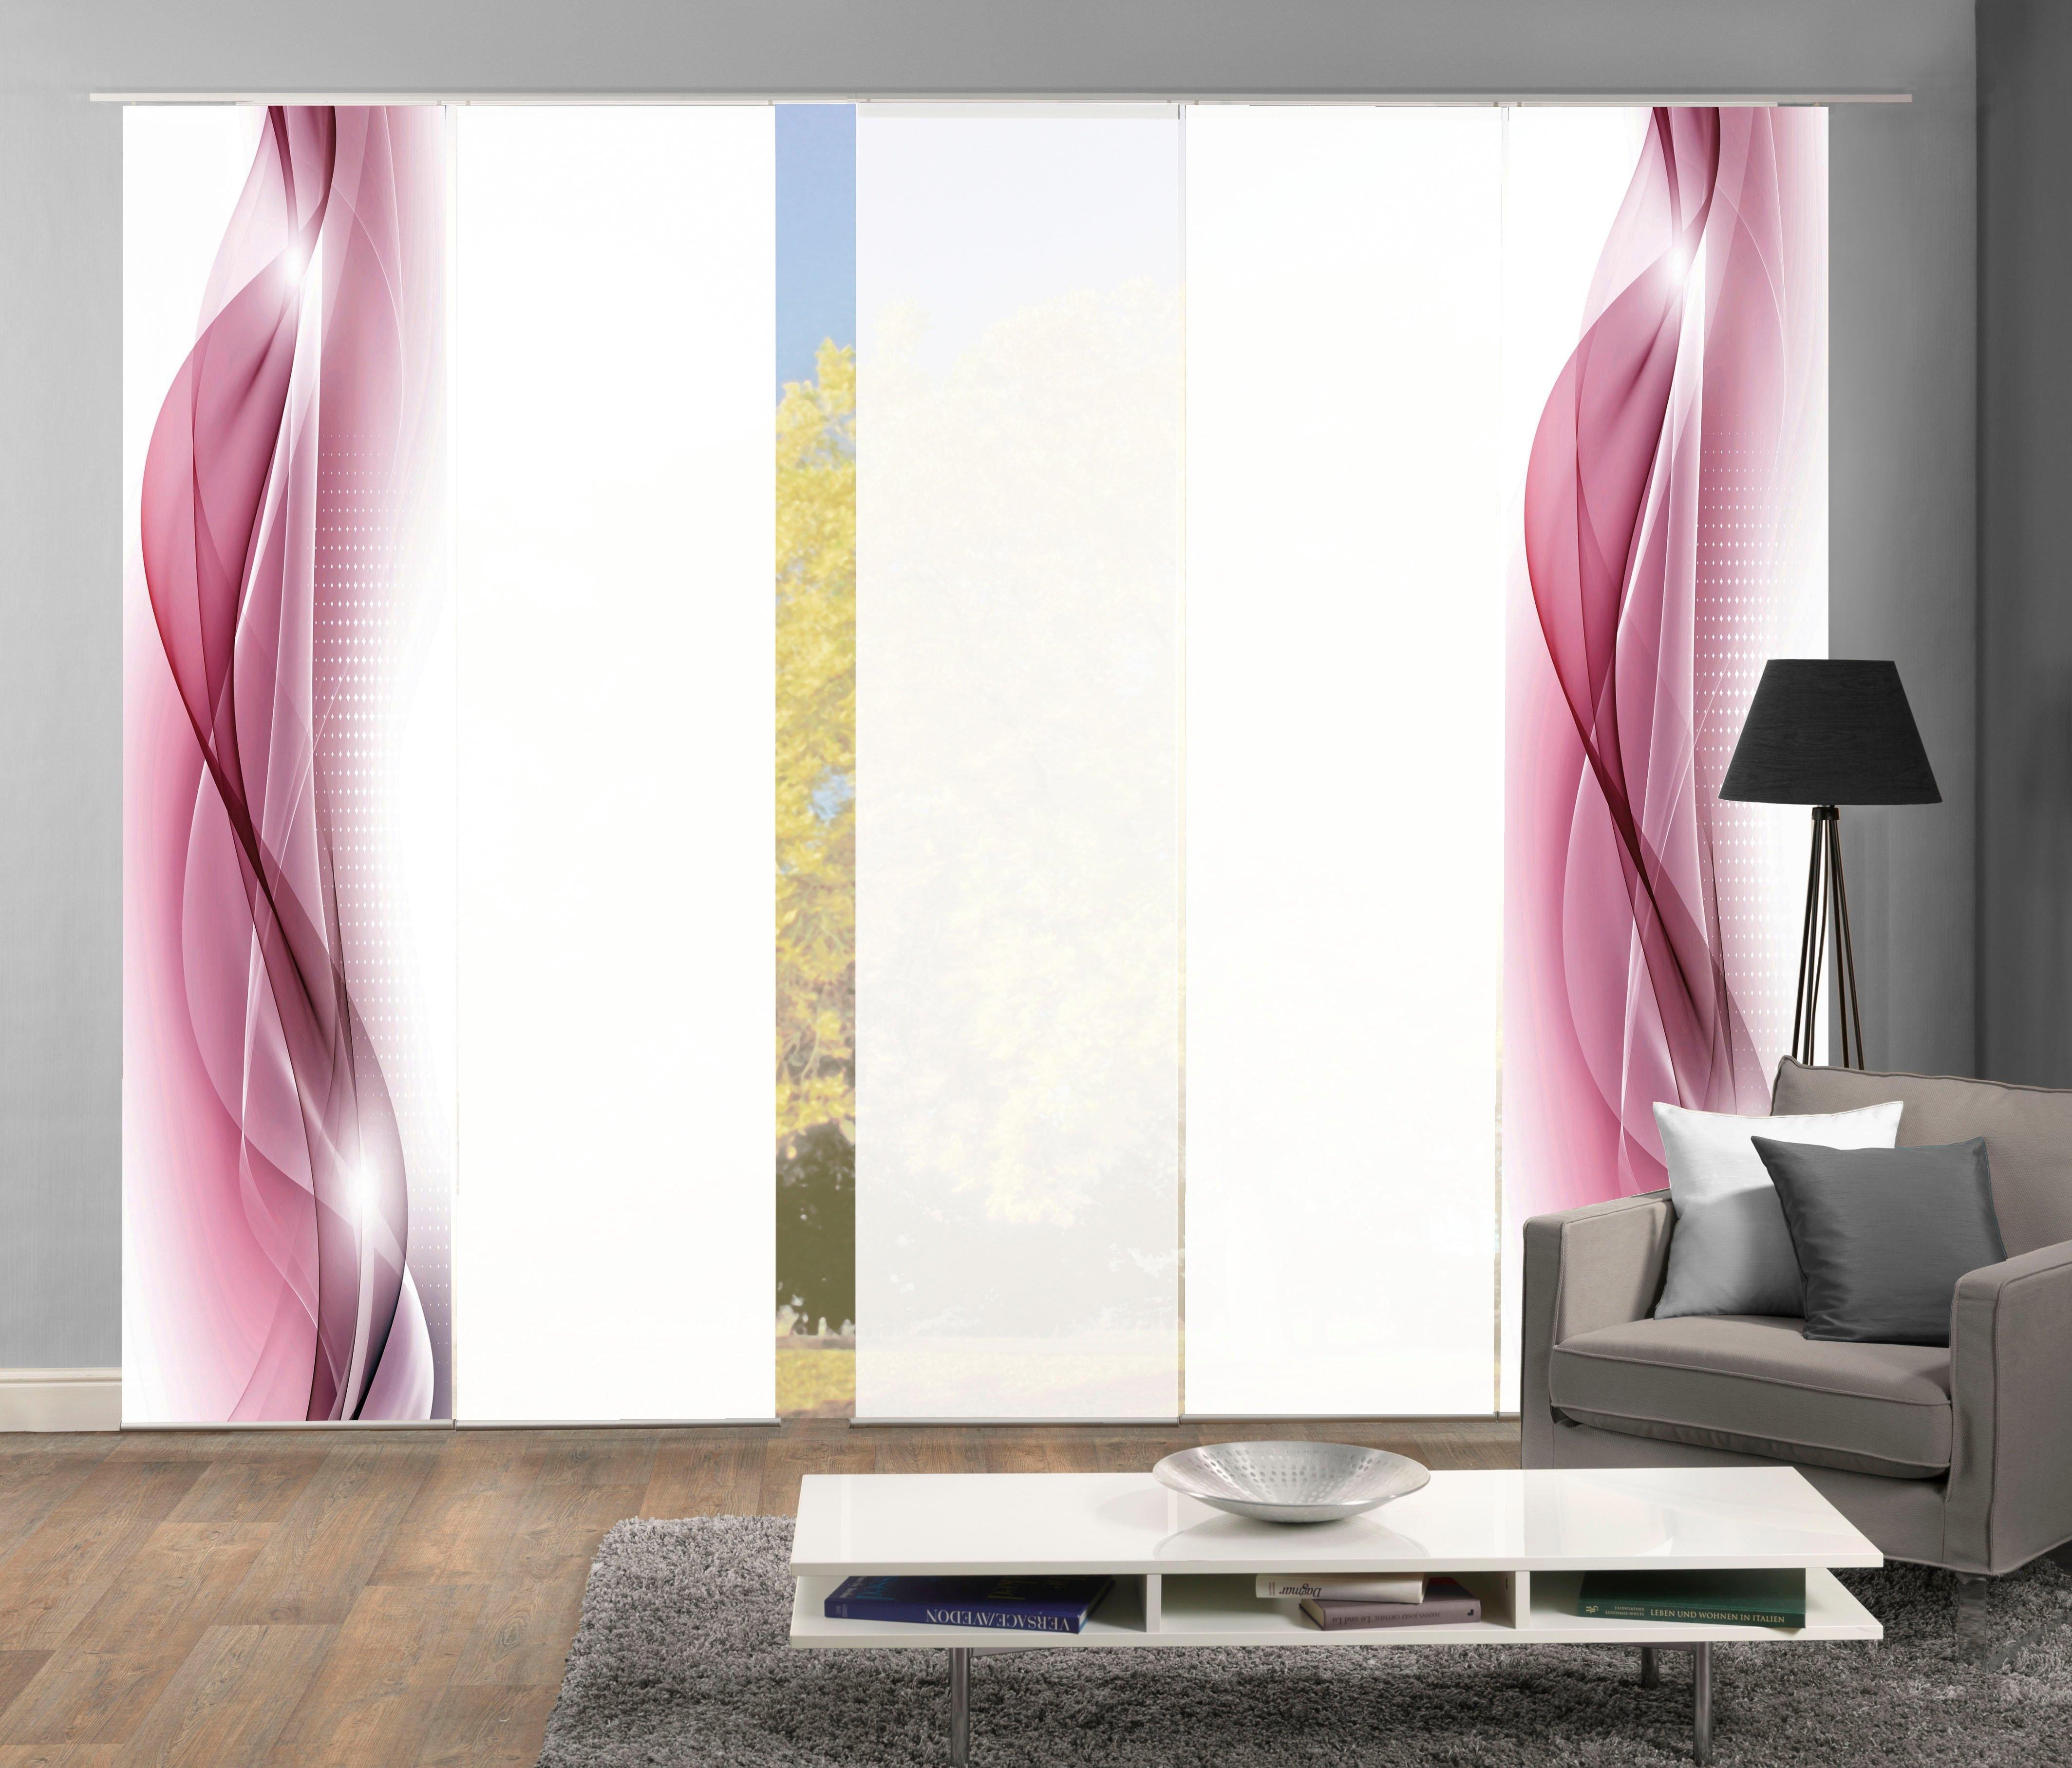 HOME WOHNIDEEN paneelgordijn NEBLANA set van 5 Gordijnstof in zijde-look, digitaal bedrukt (5 stuks) veilig op otto.nl kopen